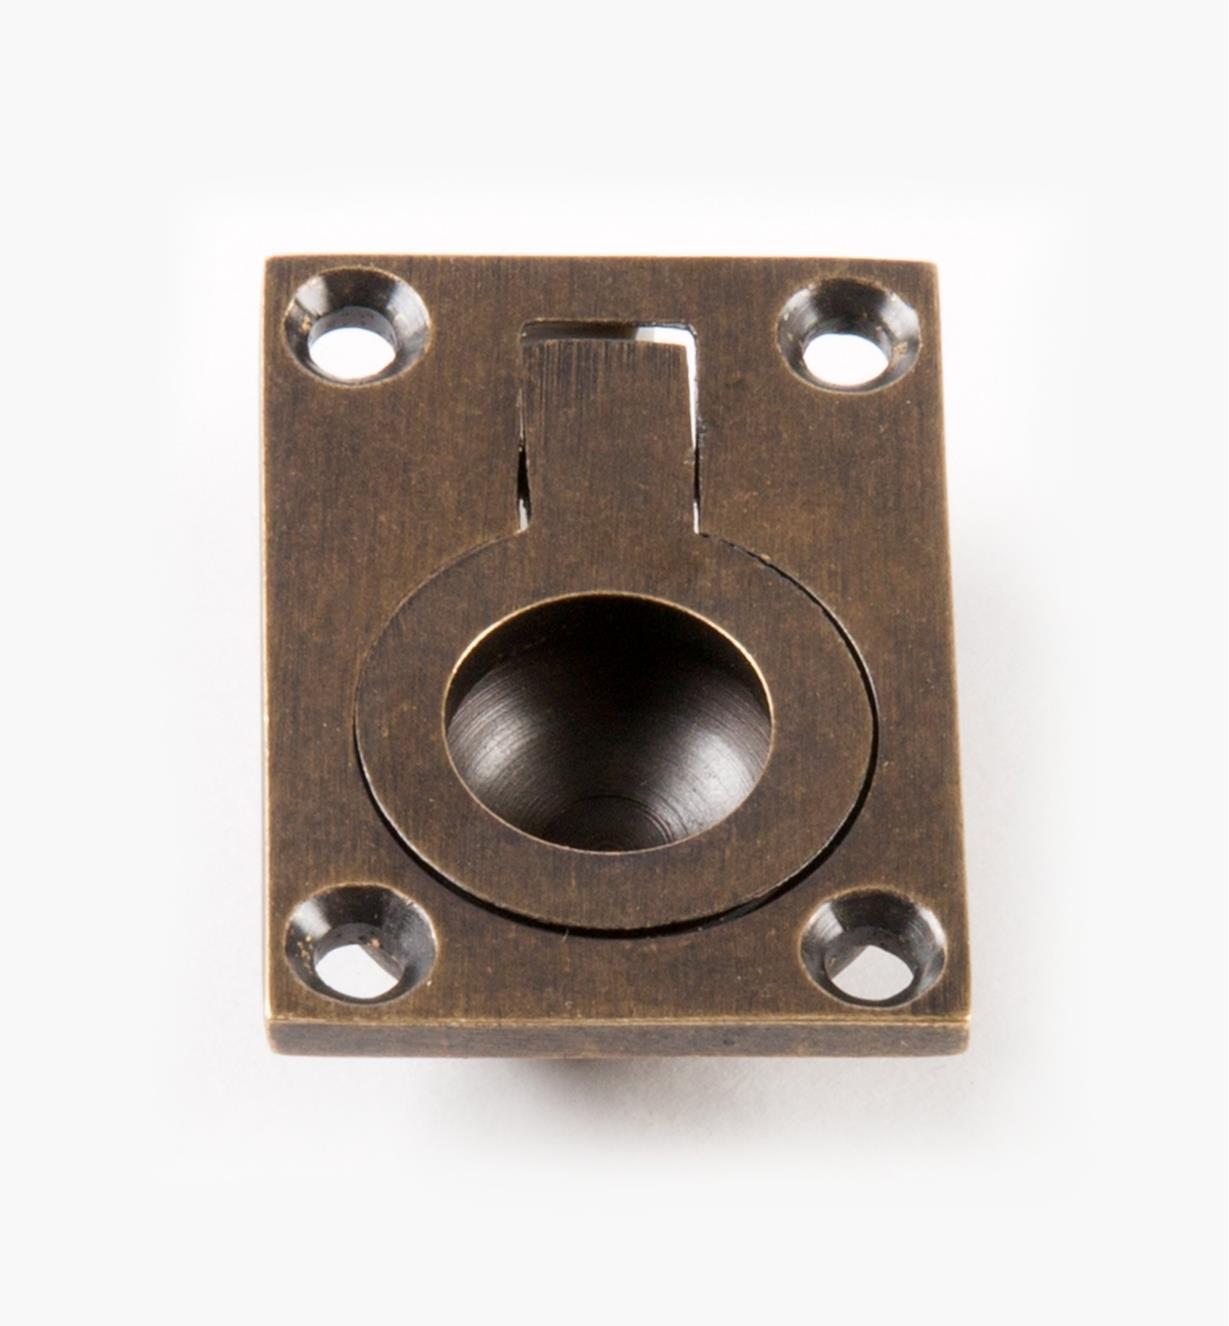 00A1832 - Poignée à anneau encastré forgée rectangulaire, 11/16pox11/2po